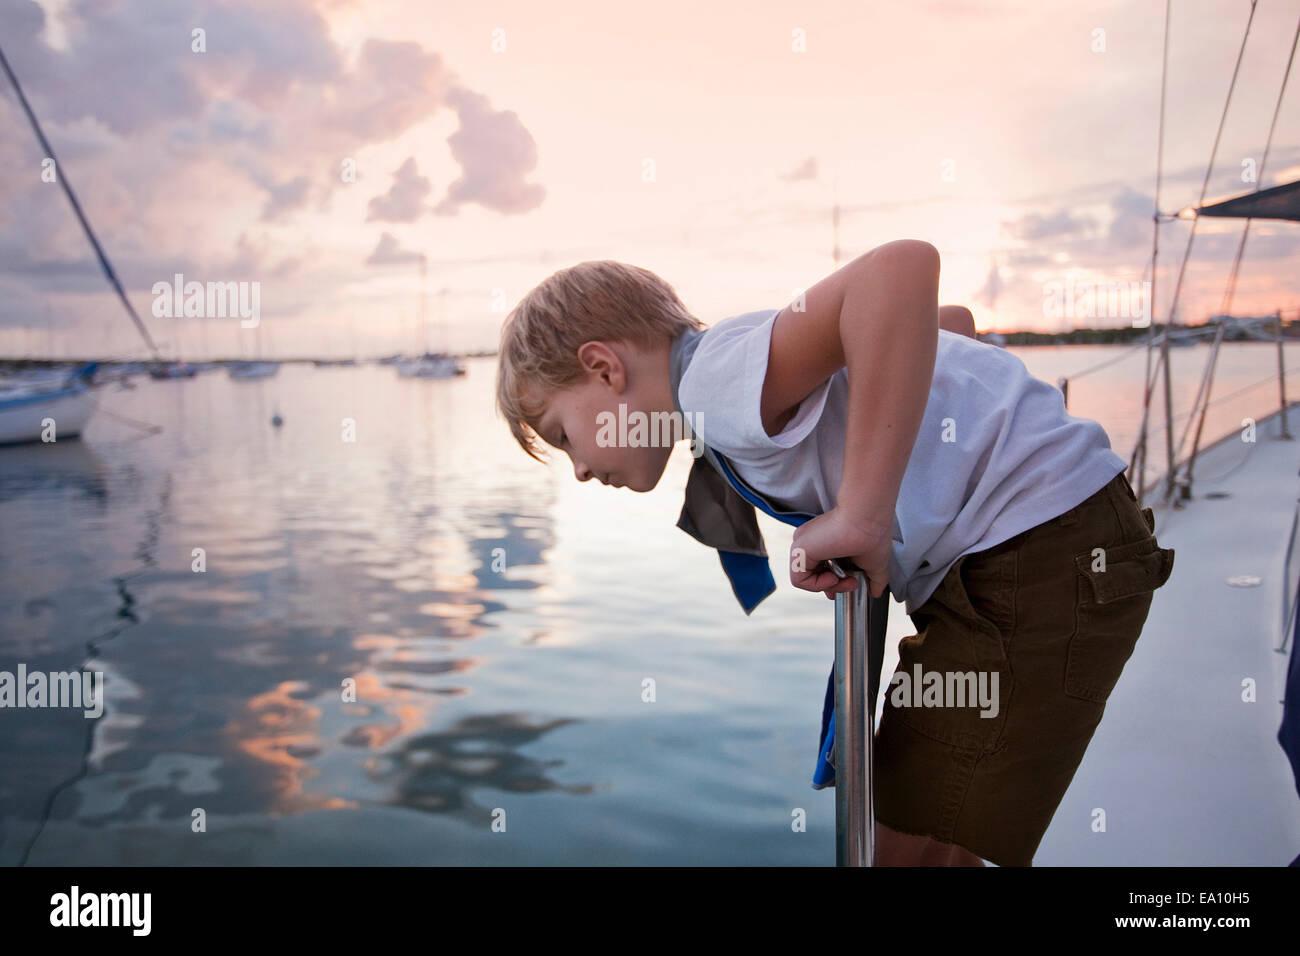 Ragazzo sulla barca a vela guardando giù al mare al tramonto Immagini Stock